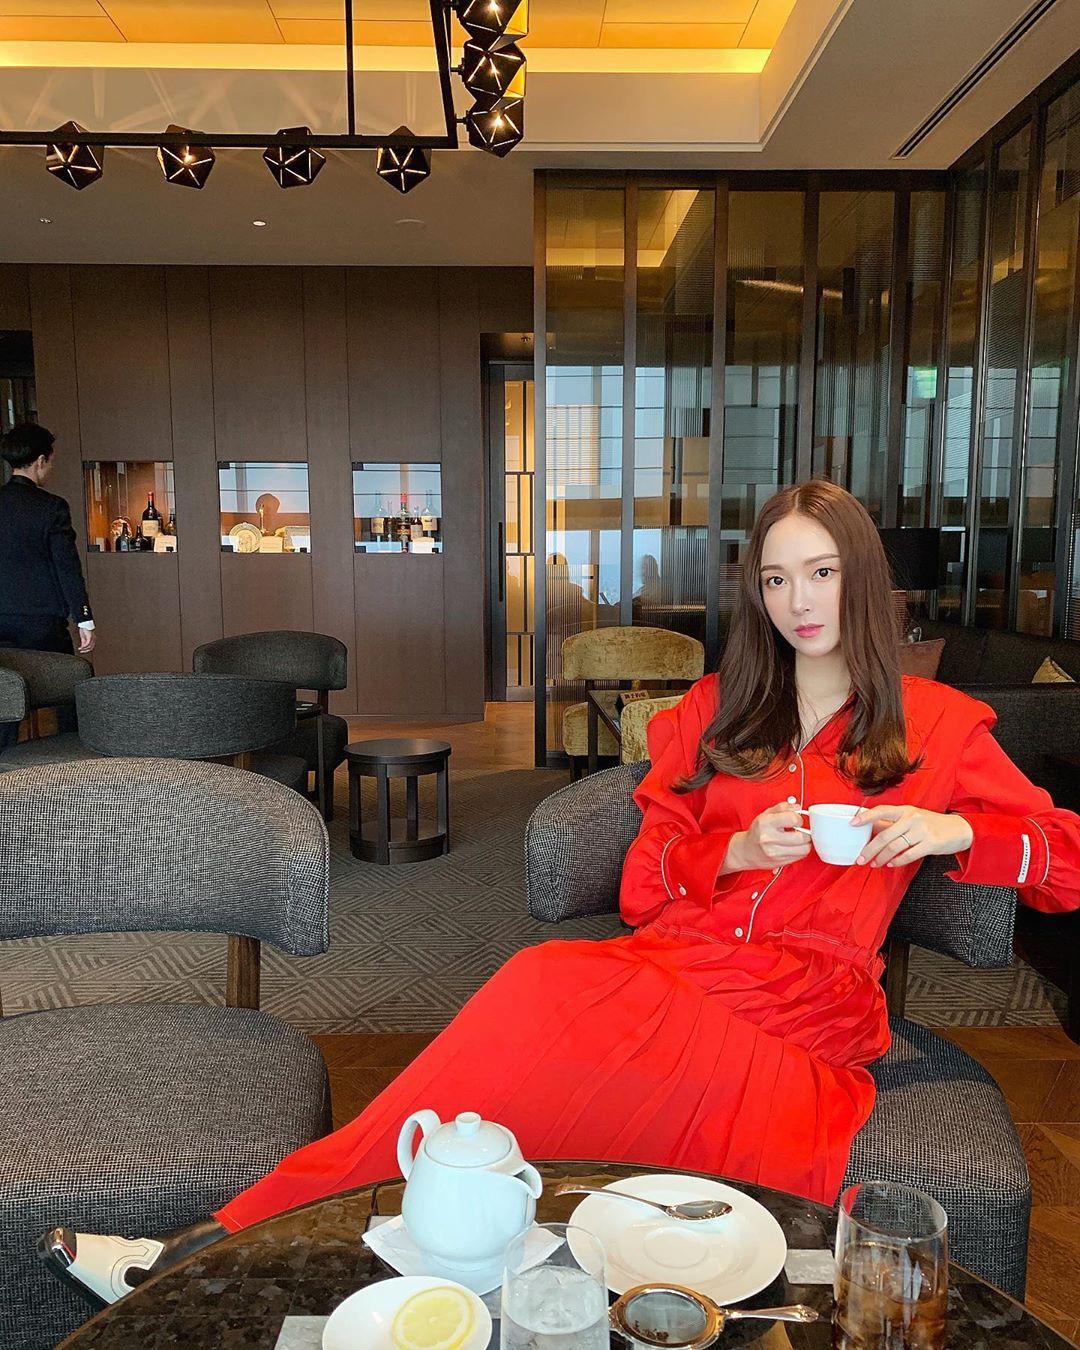 trang phục đầm dài tay màu đỏ pantone flame scarlet jessica jung